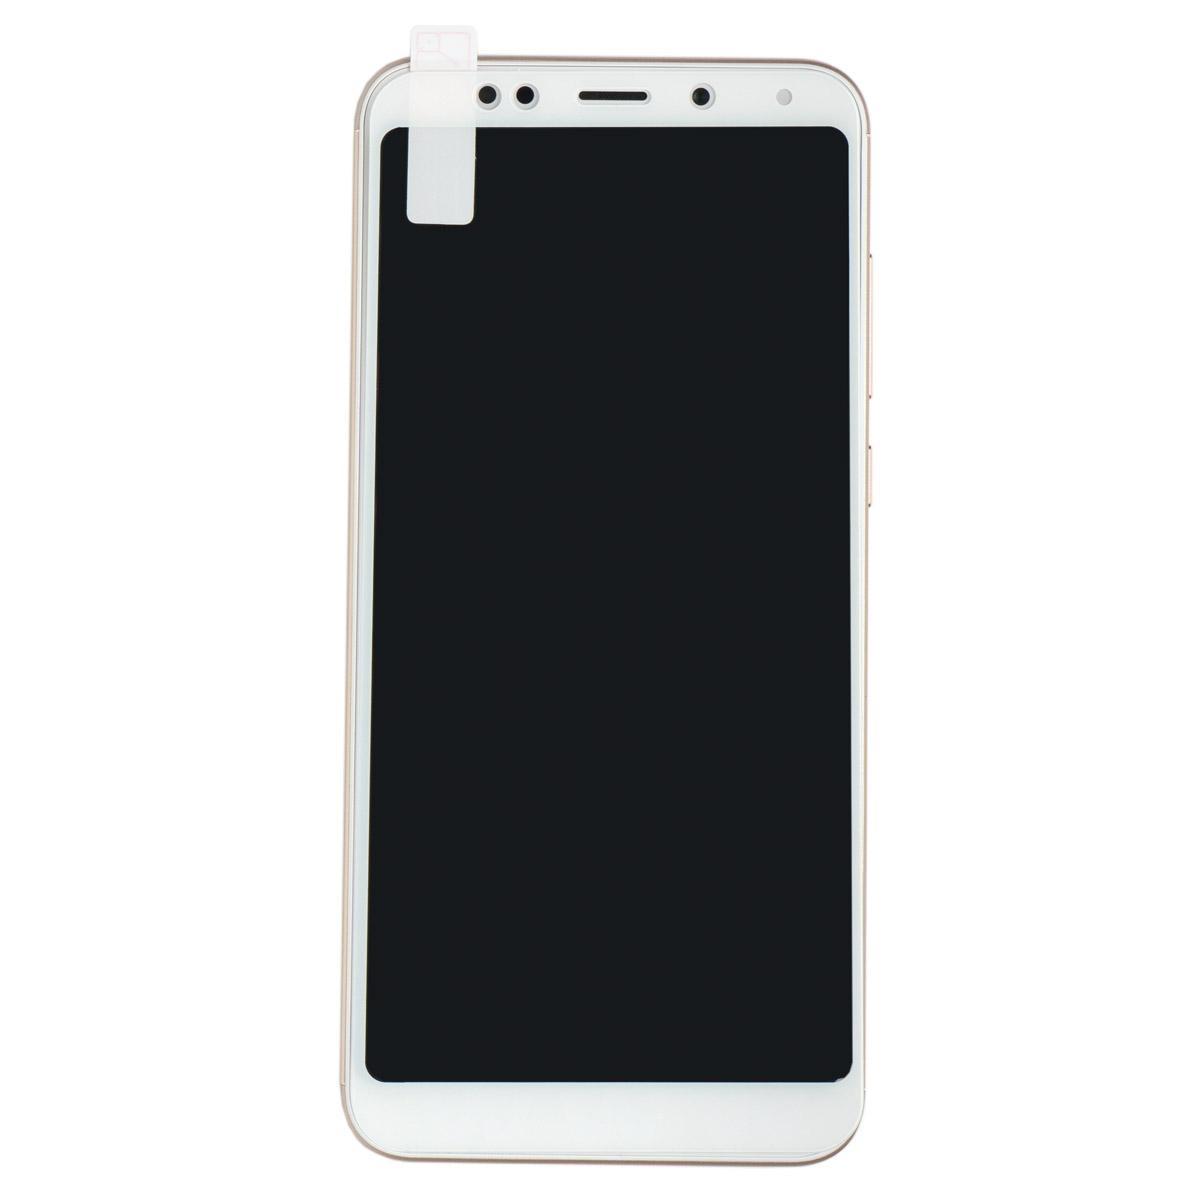 Стекло противоударное для Redmi 5 CASE Full Glue (Белый)